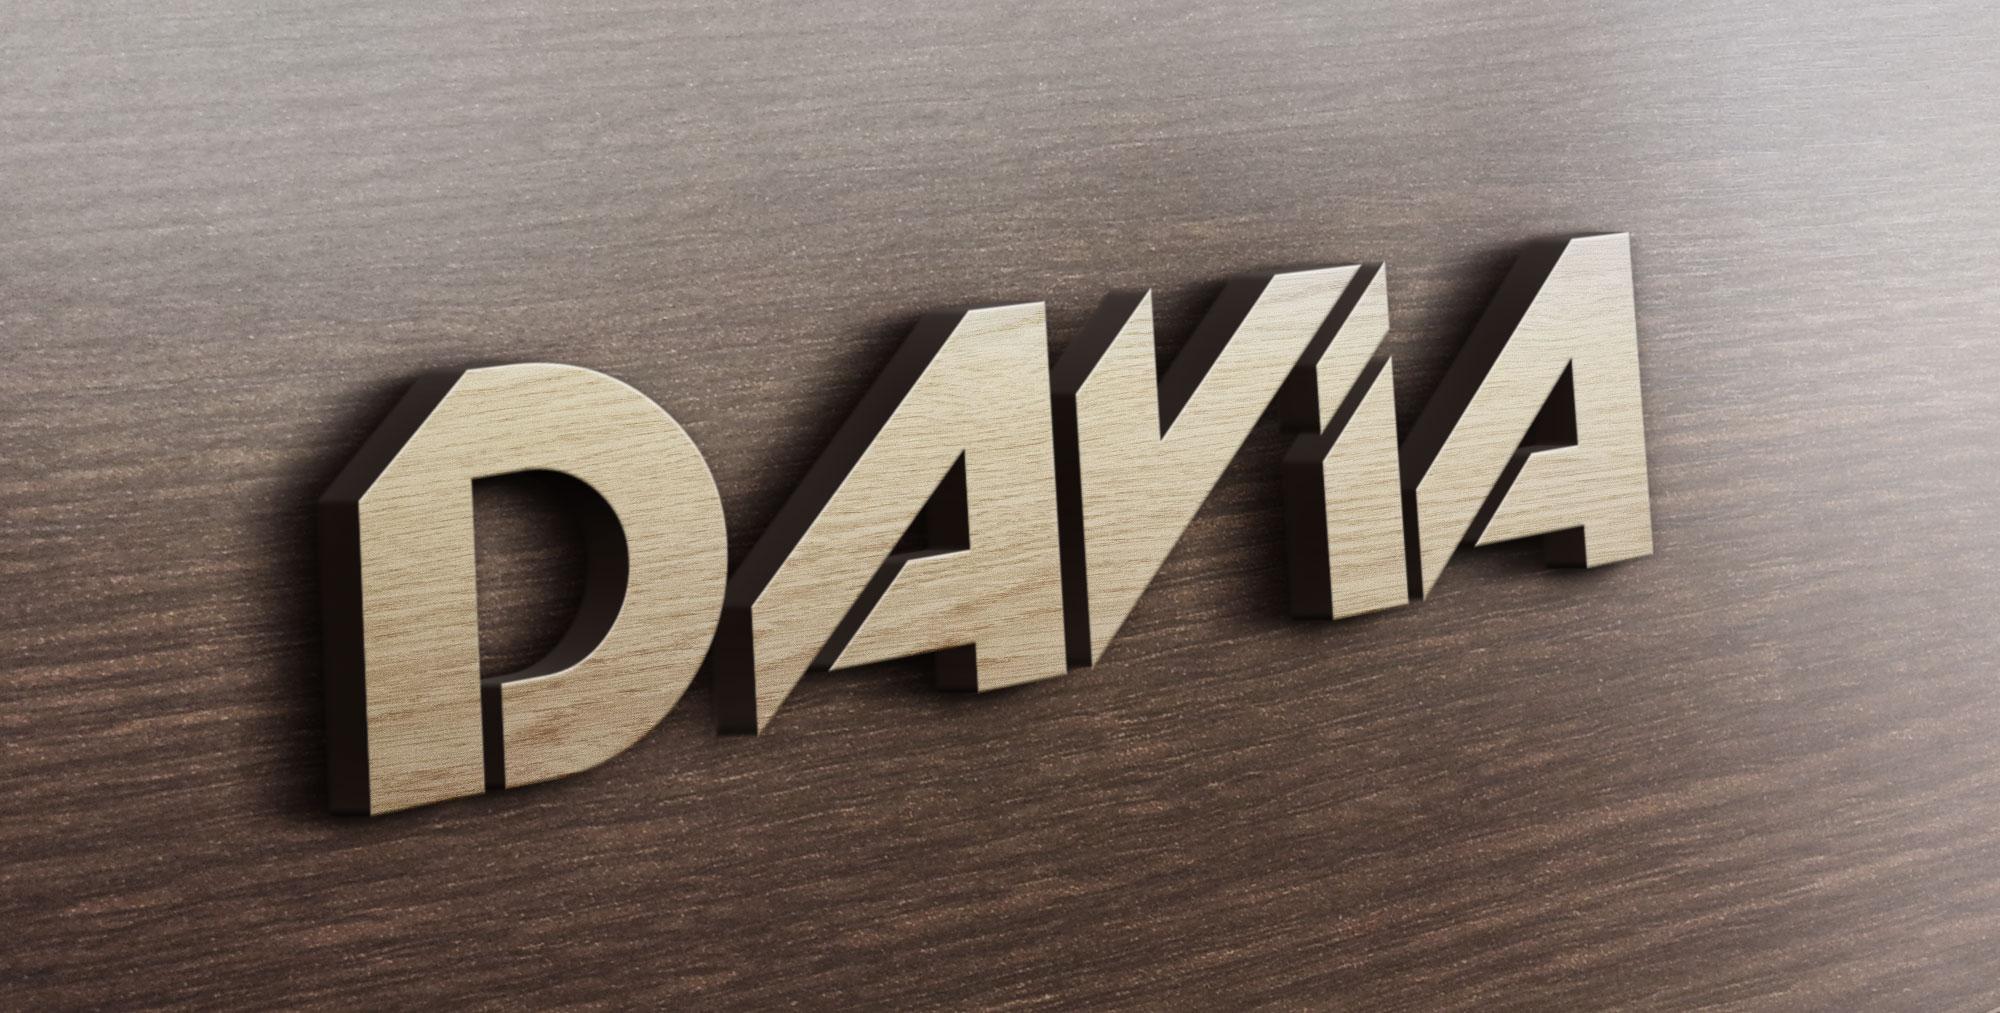 Agencia Publicidade SP Davia